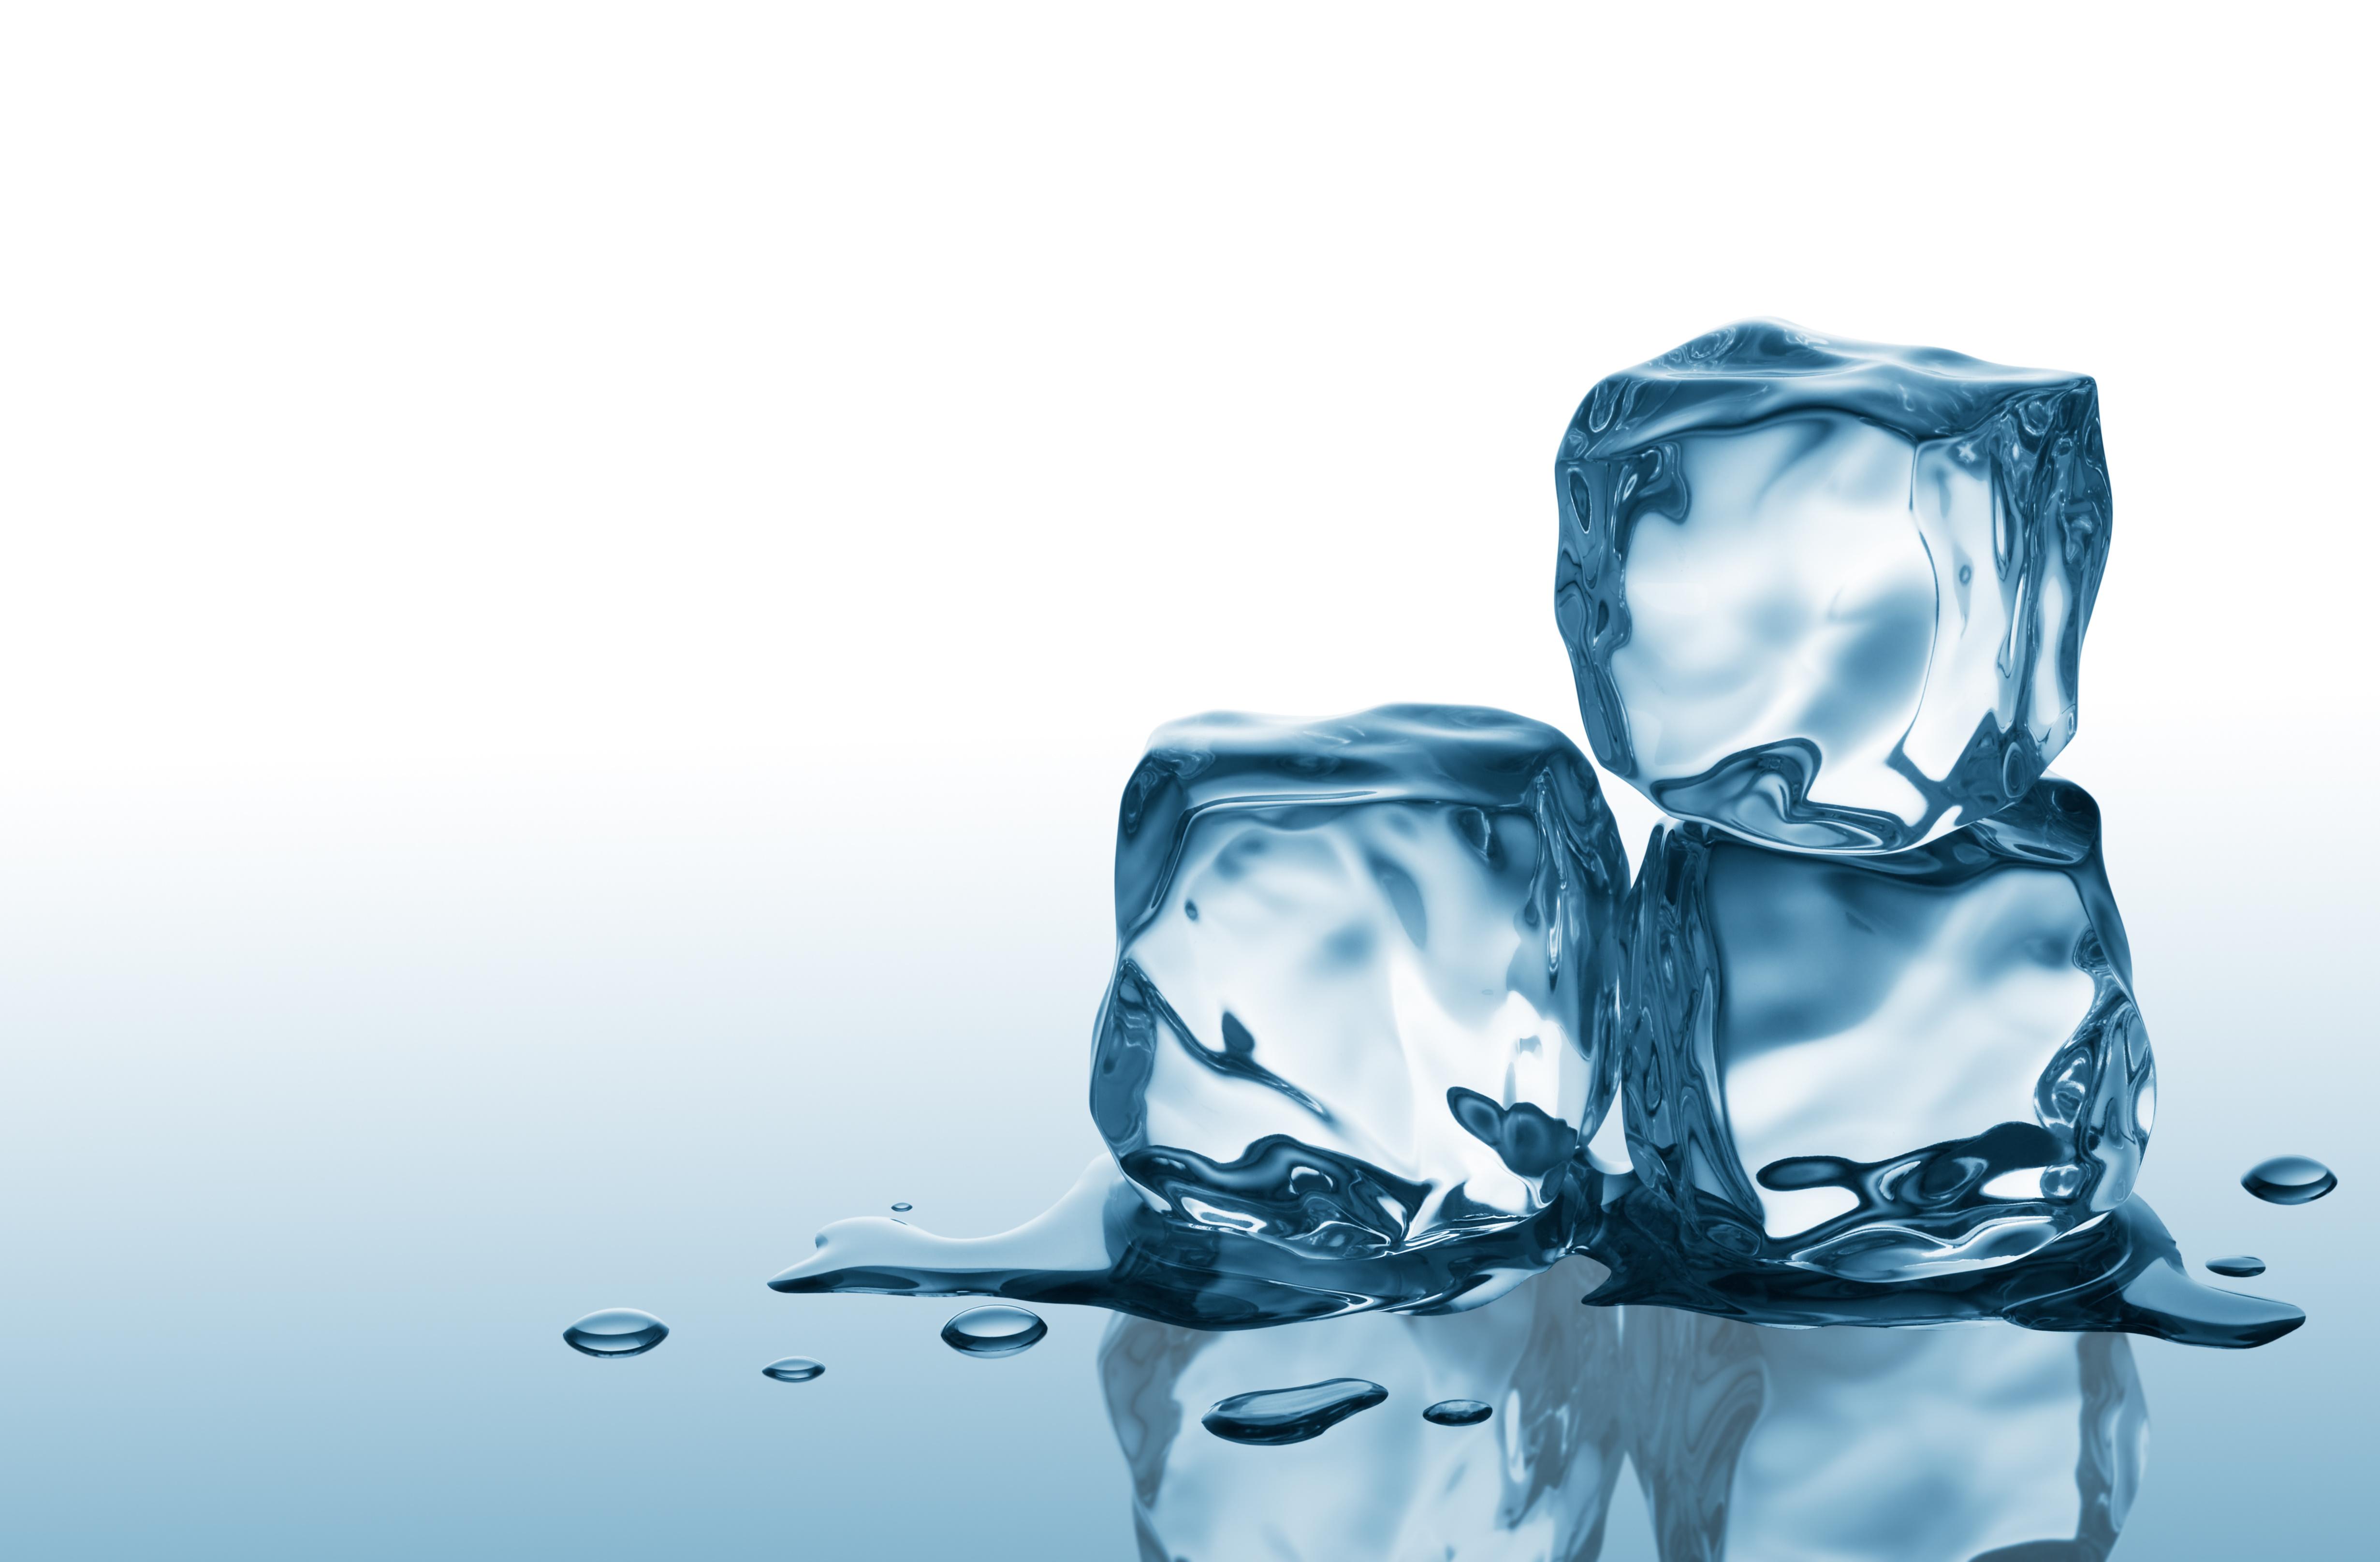 ice cubes wallpaper   ForWallpapercom 4923x3231